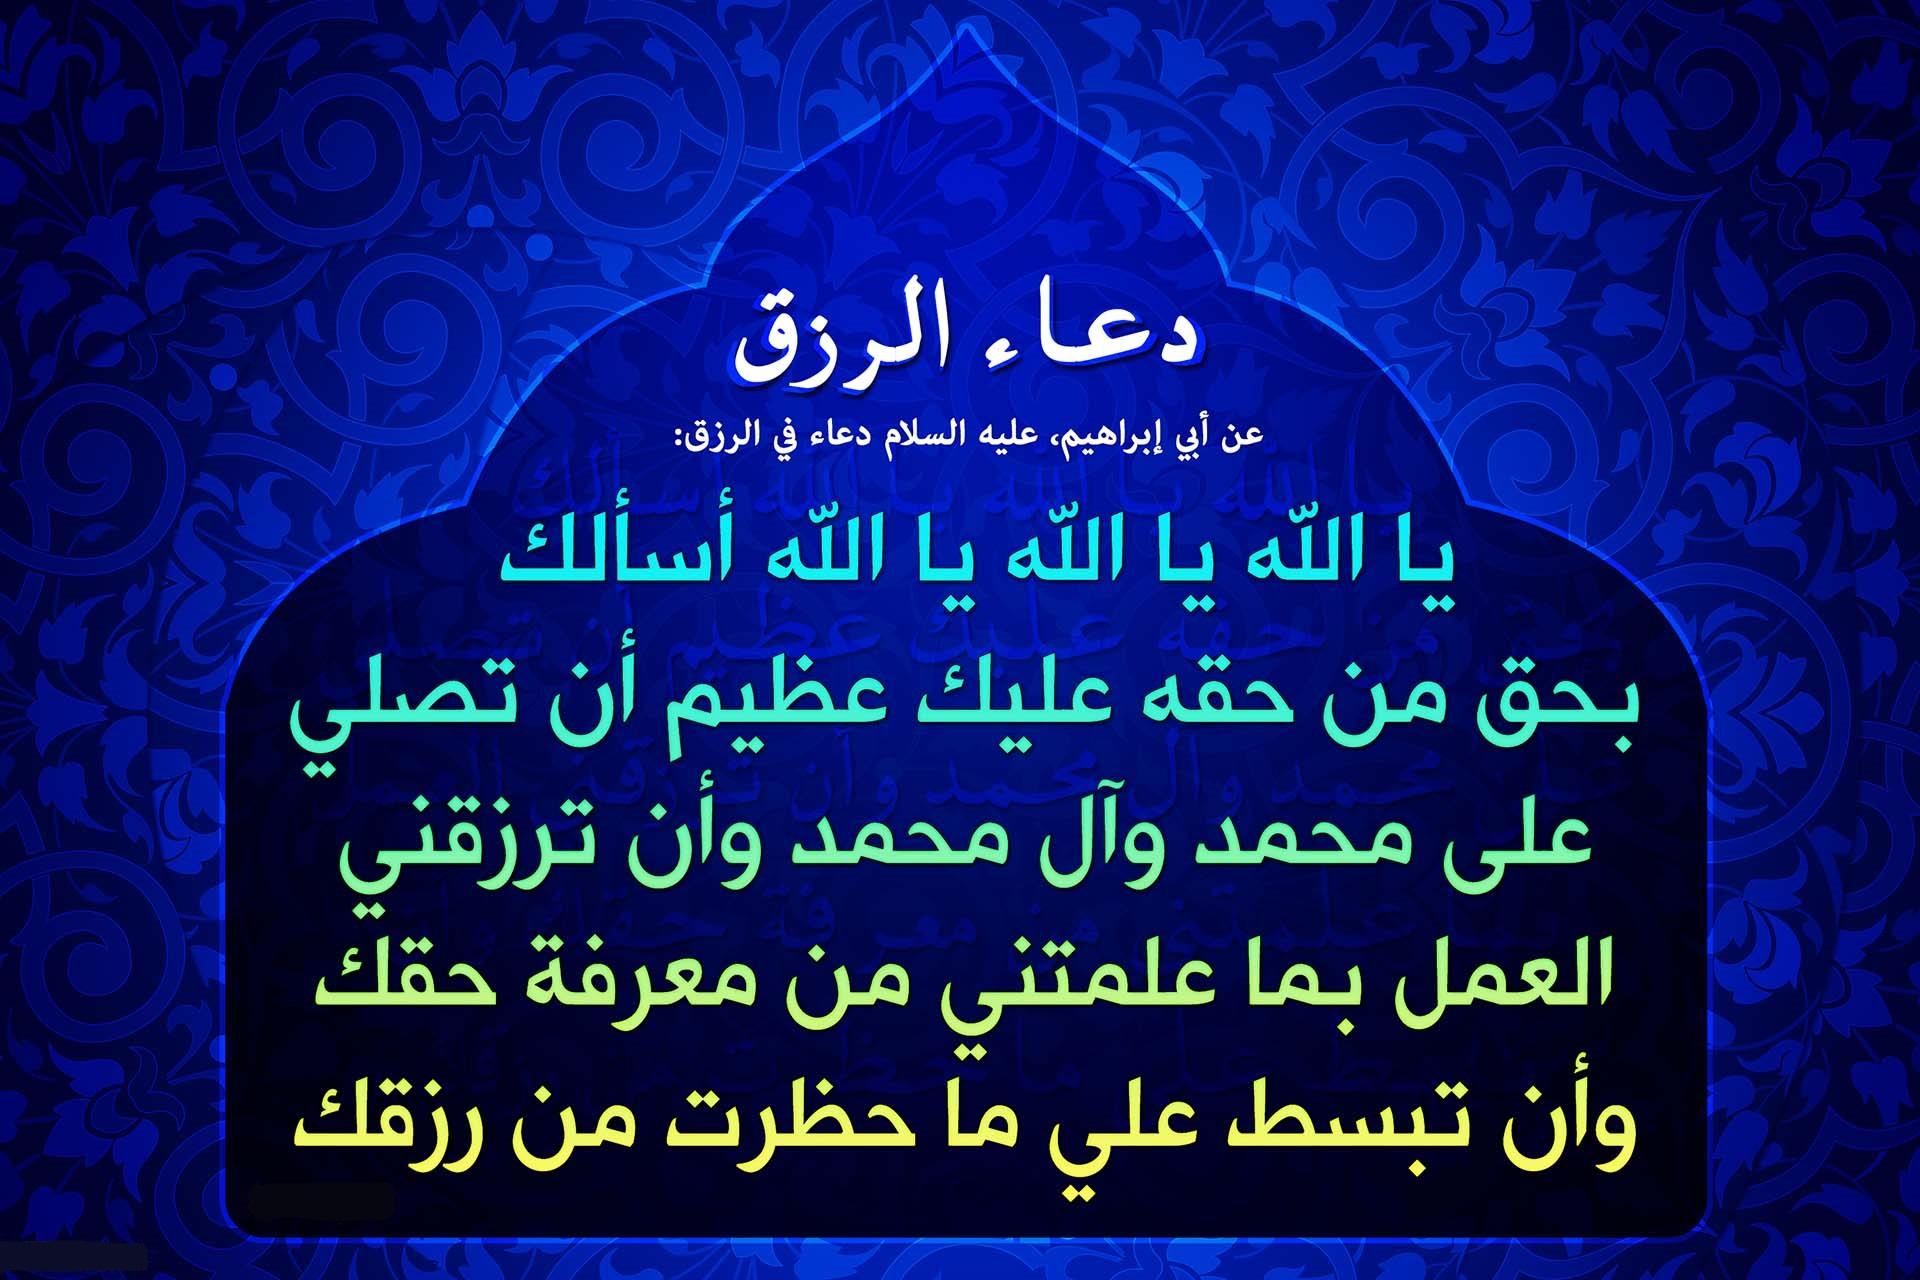 ادعية دينية إسلامية مكتوبة مصورة دعاء لزيادة الرزق وازالة الهم والكرب ومنع الحسد 63